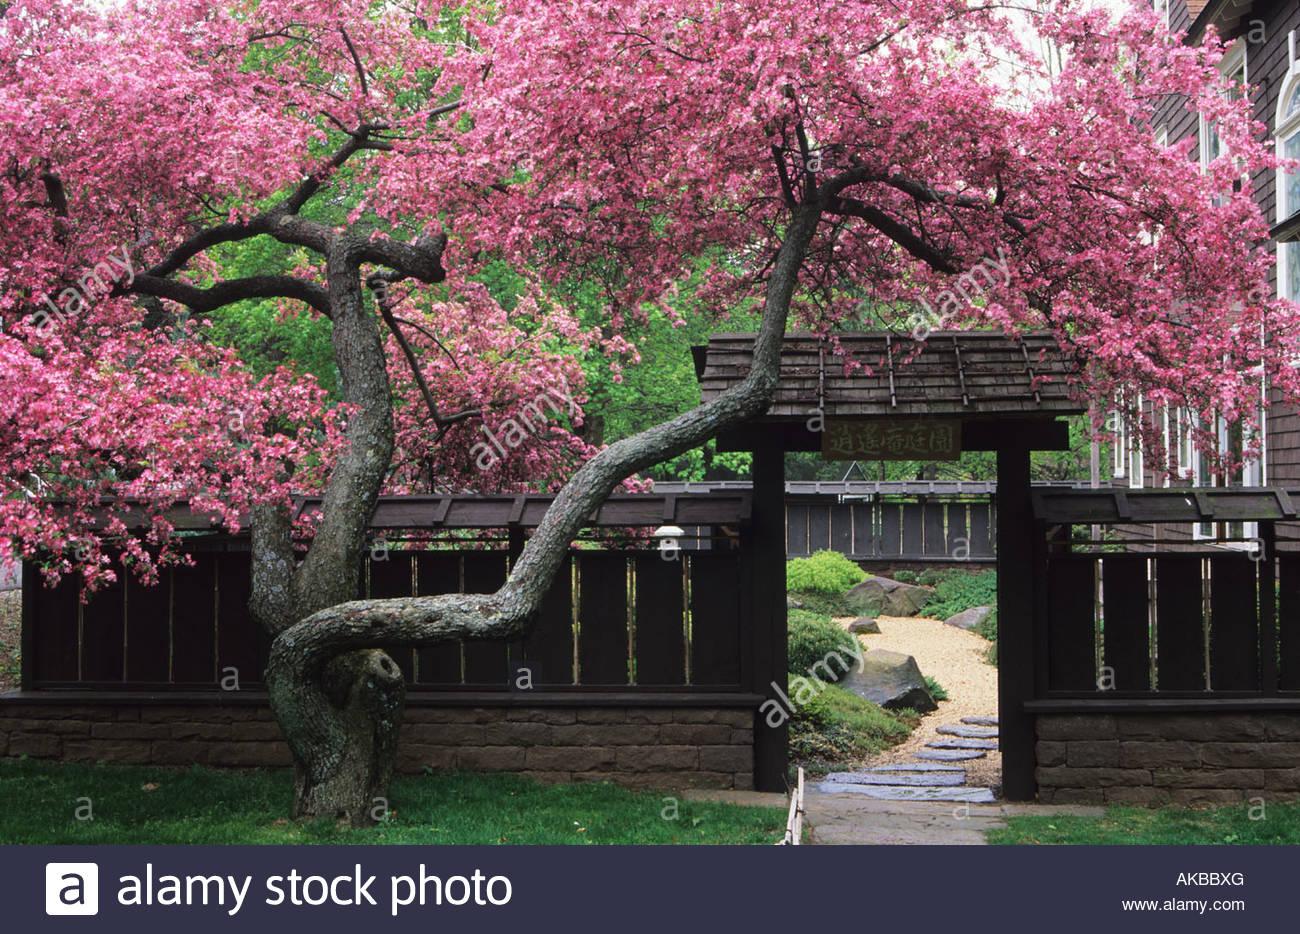 Shoyen teien middletown ct japanese garden design stephen for Free japanese garden designs